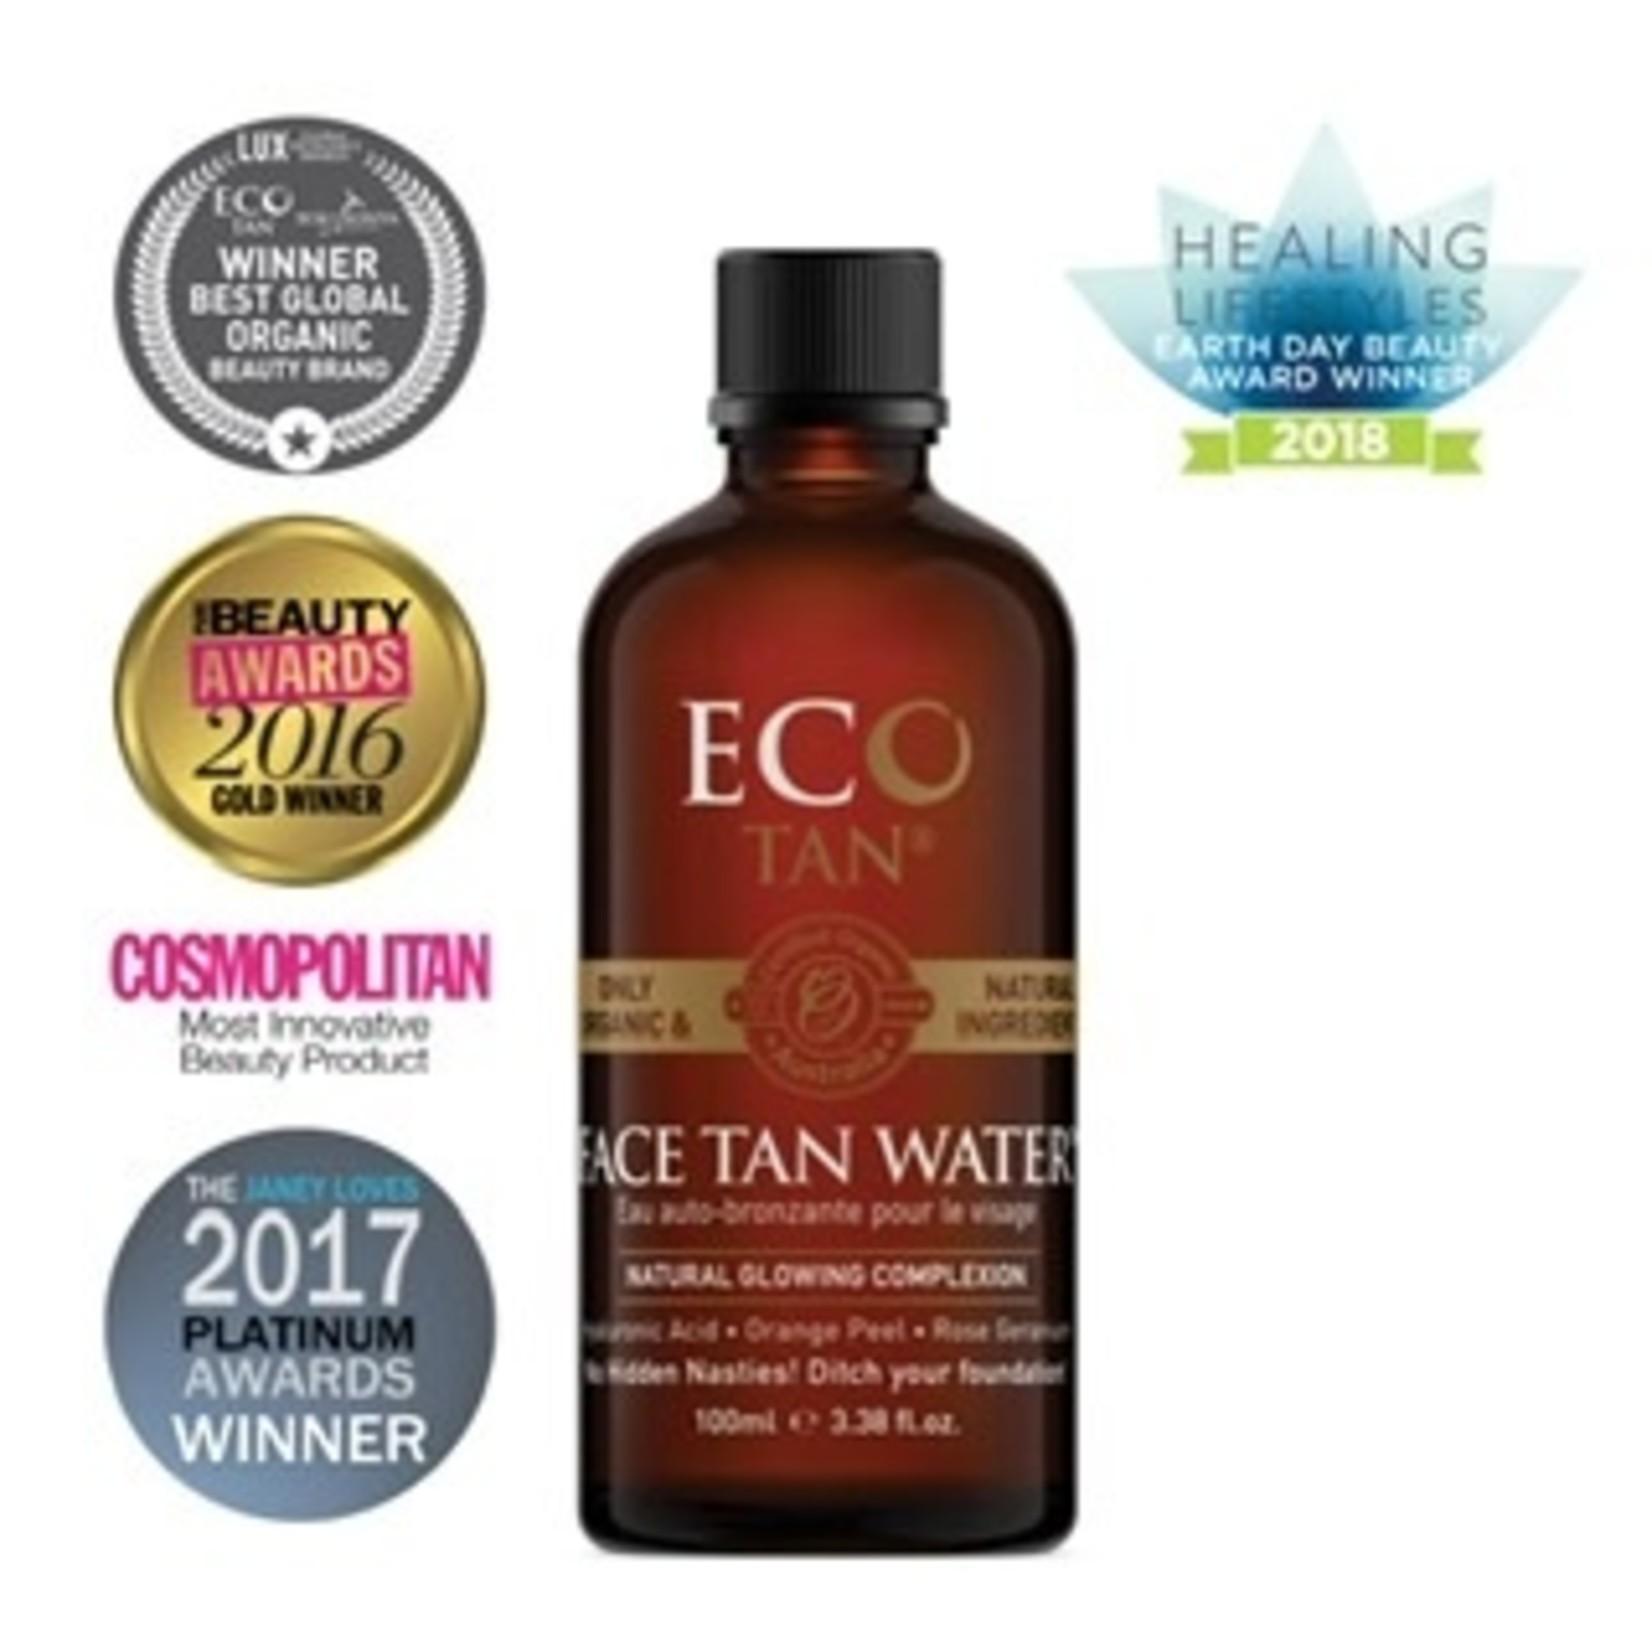 Eco Tan Eco Tan Face Tan Water 100ml